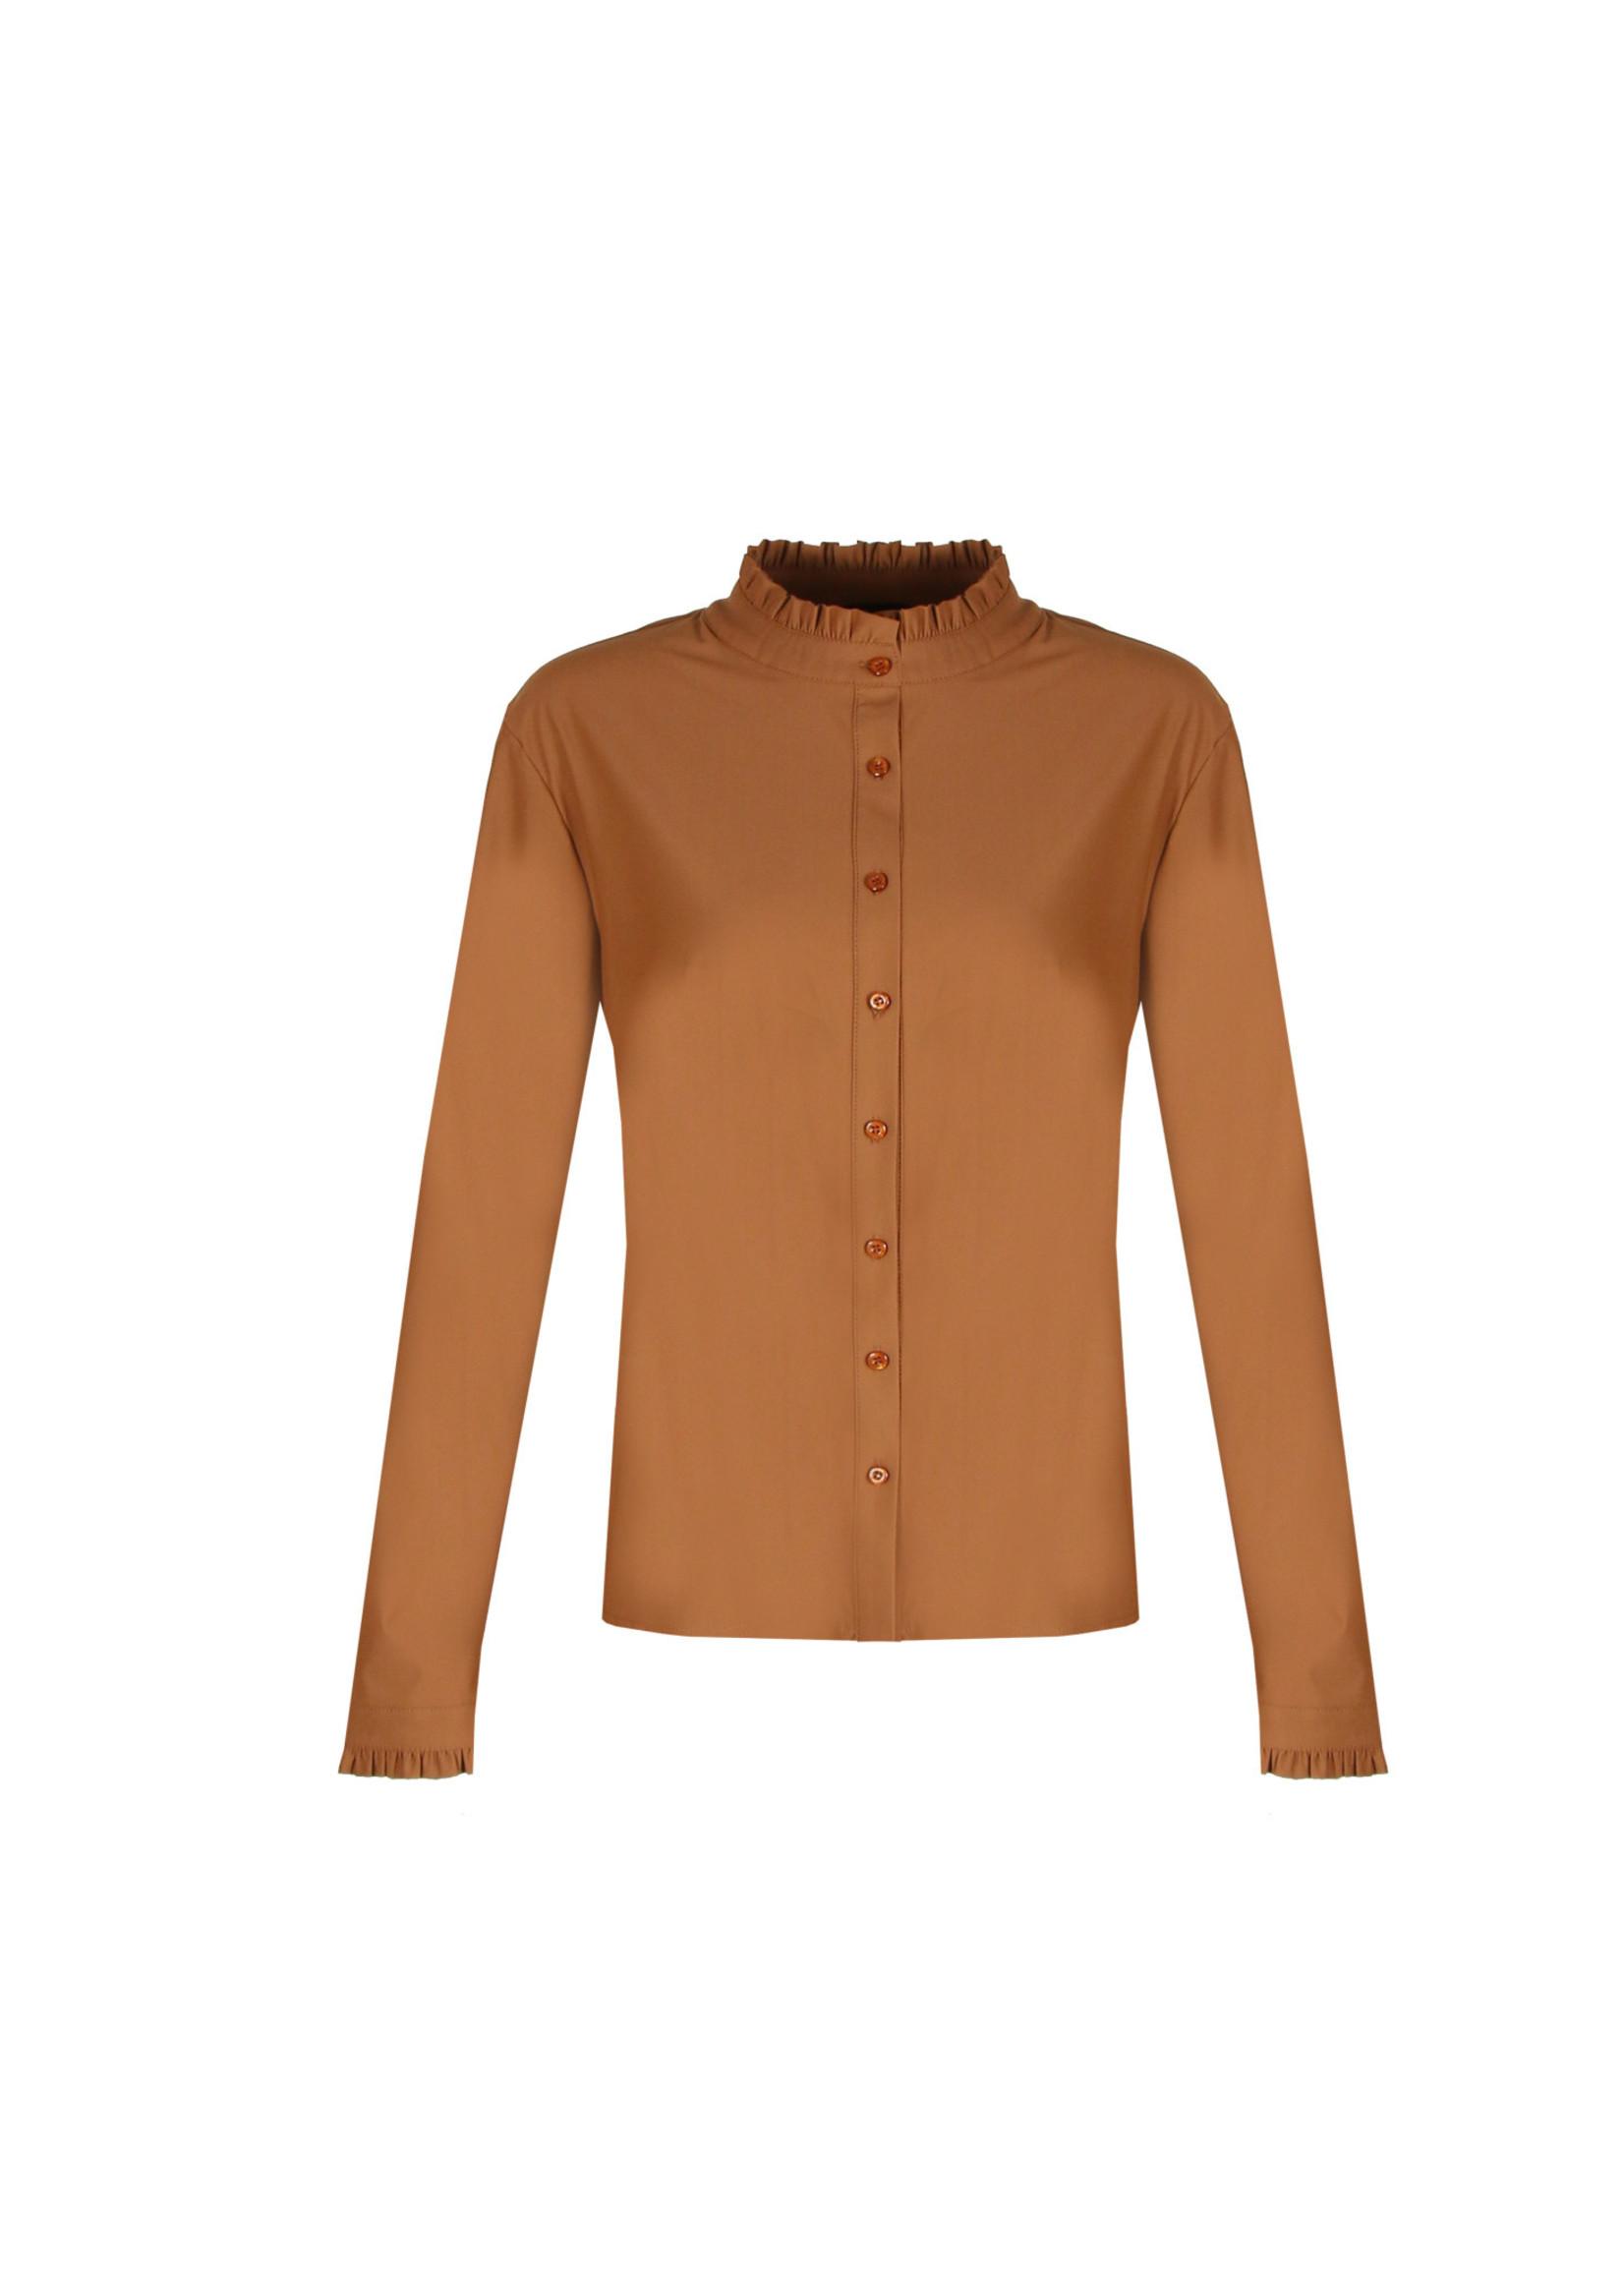 G-Maxx G-maxx - Ceylin blouse - Cognac